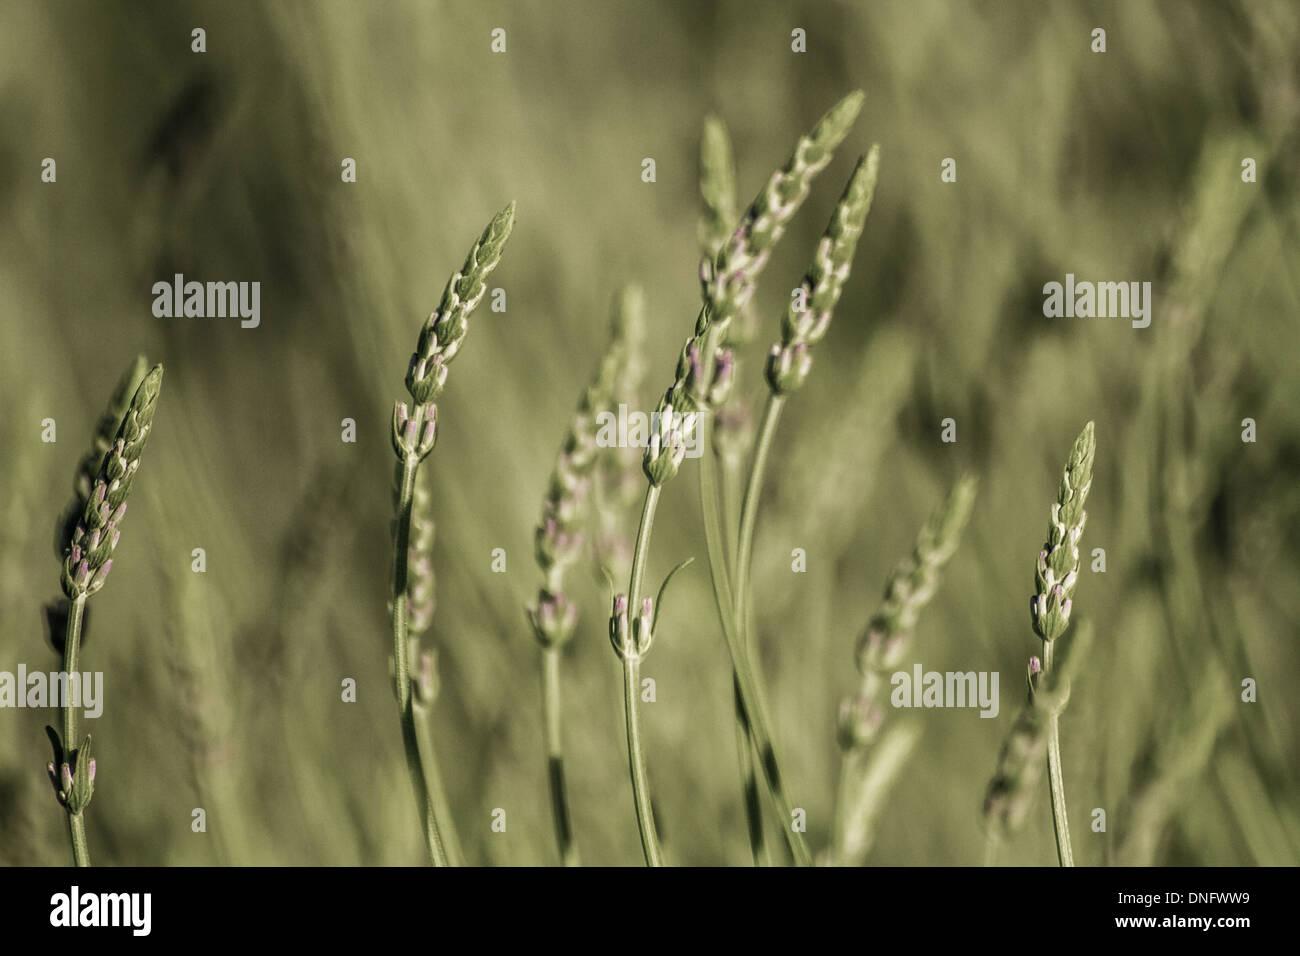 Vista cercana de madurado plantas herbáceas en un prado Imagen De Stock